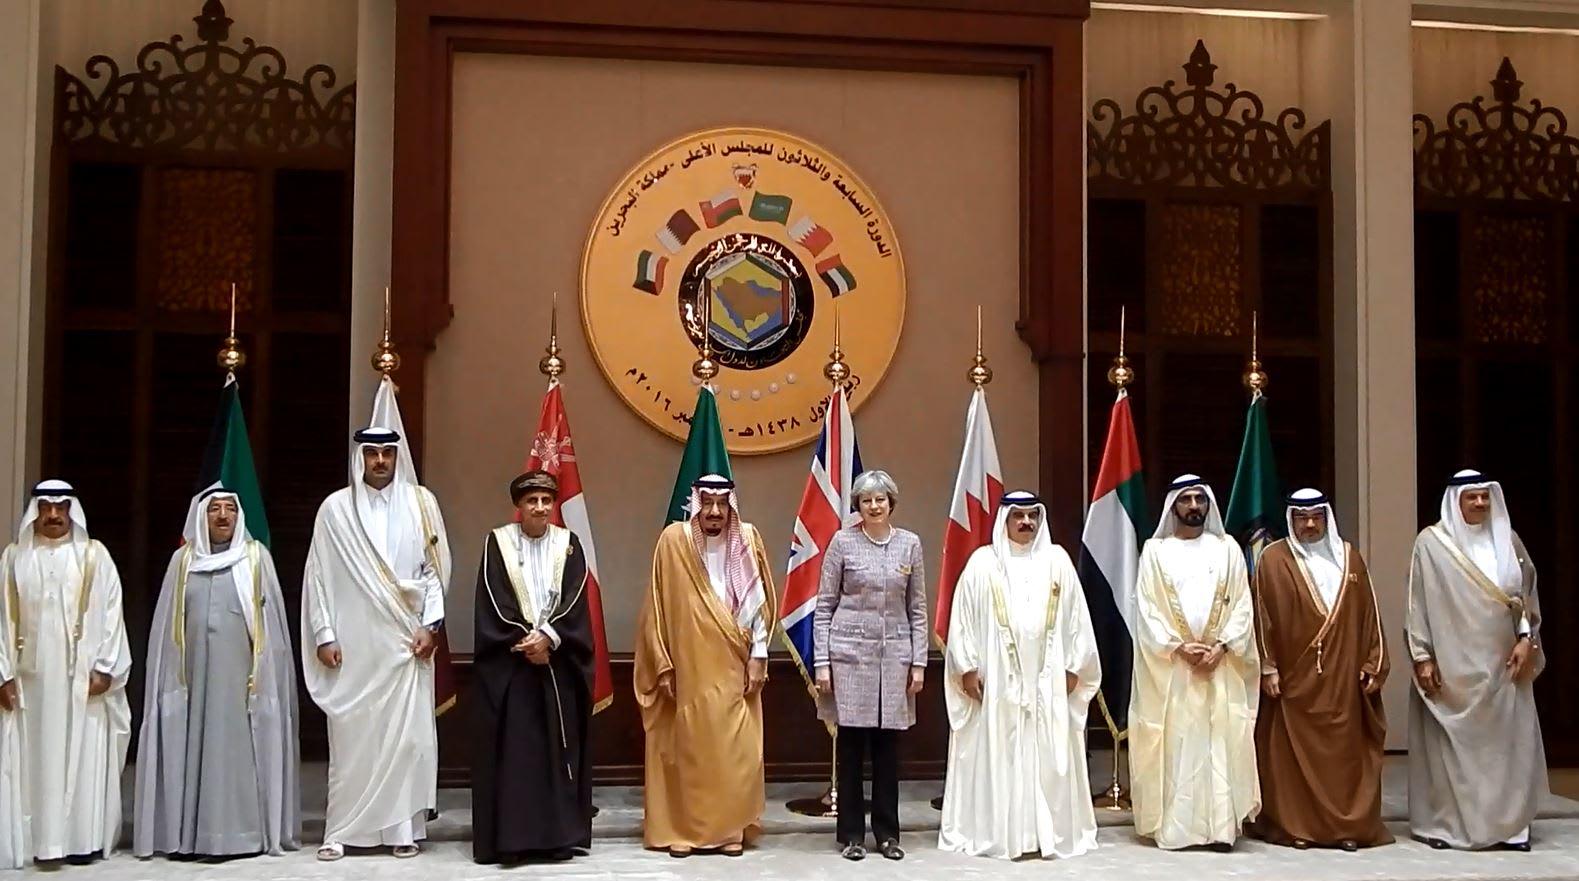 تيريزا ماي: أمن الخليج من أمن بريطانيا.. ومستعدون للتعاون المشترك لمواجهة إيران في سوريا واليمن والخليج